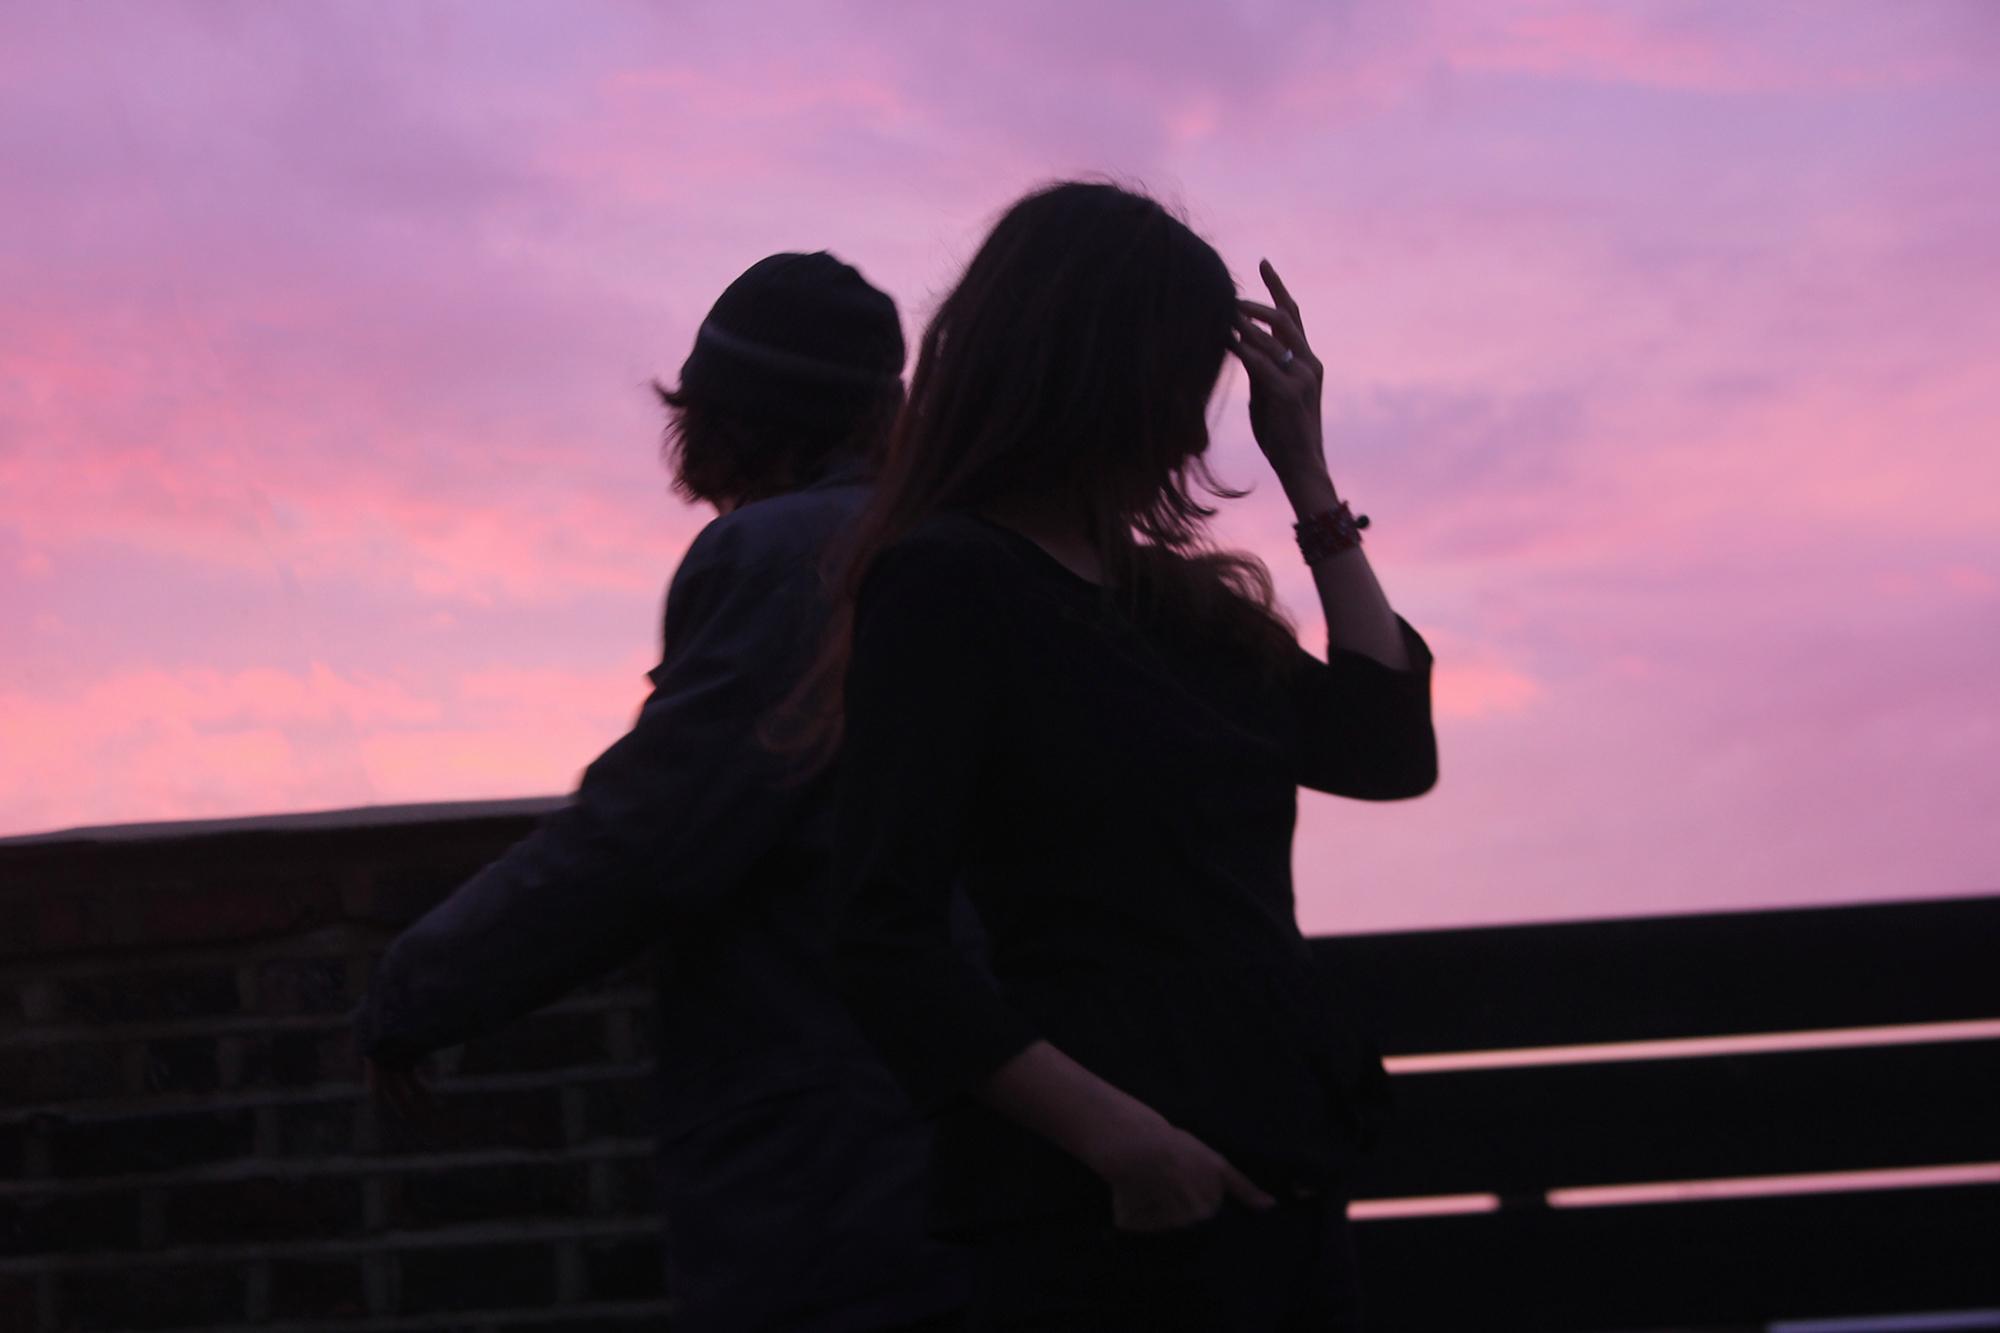 Boy And Girl Hugging Wallpaper Hopesandoval Com The Official Website Of Hope Sandoval